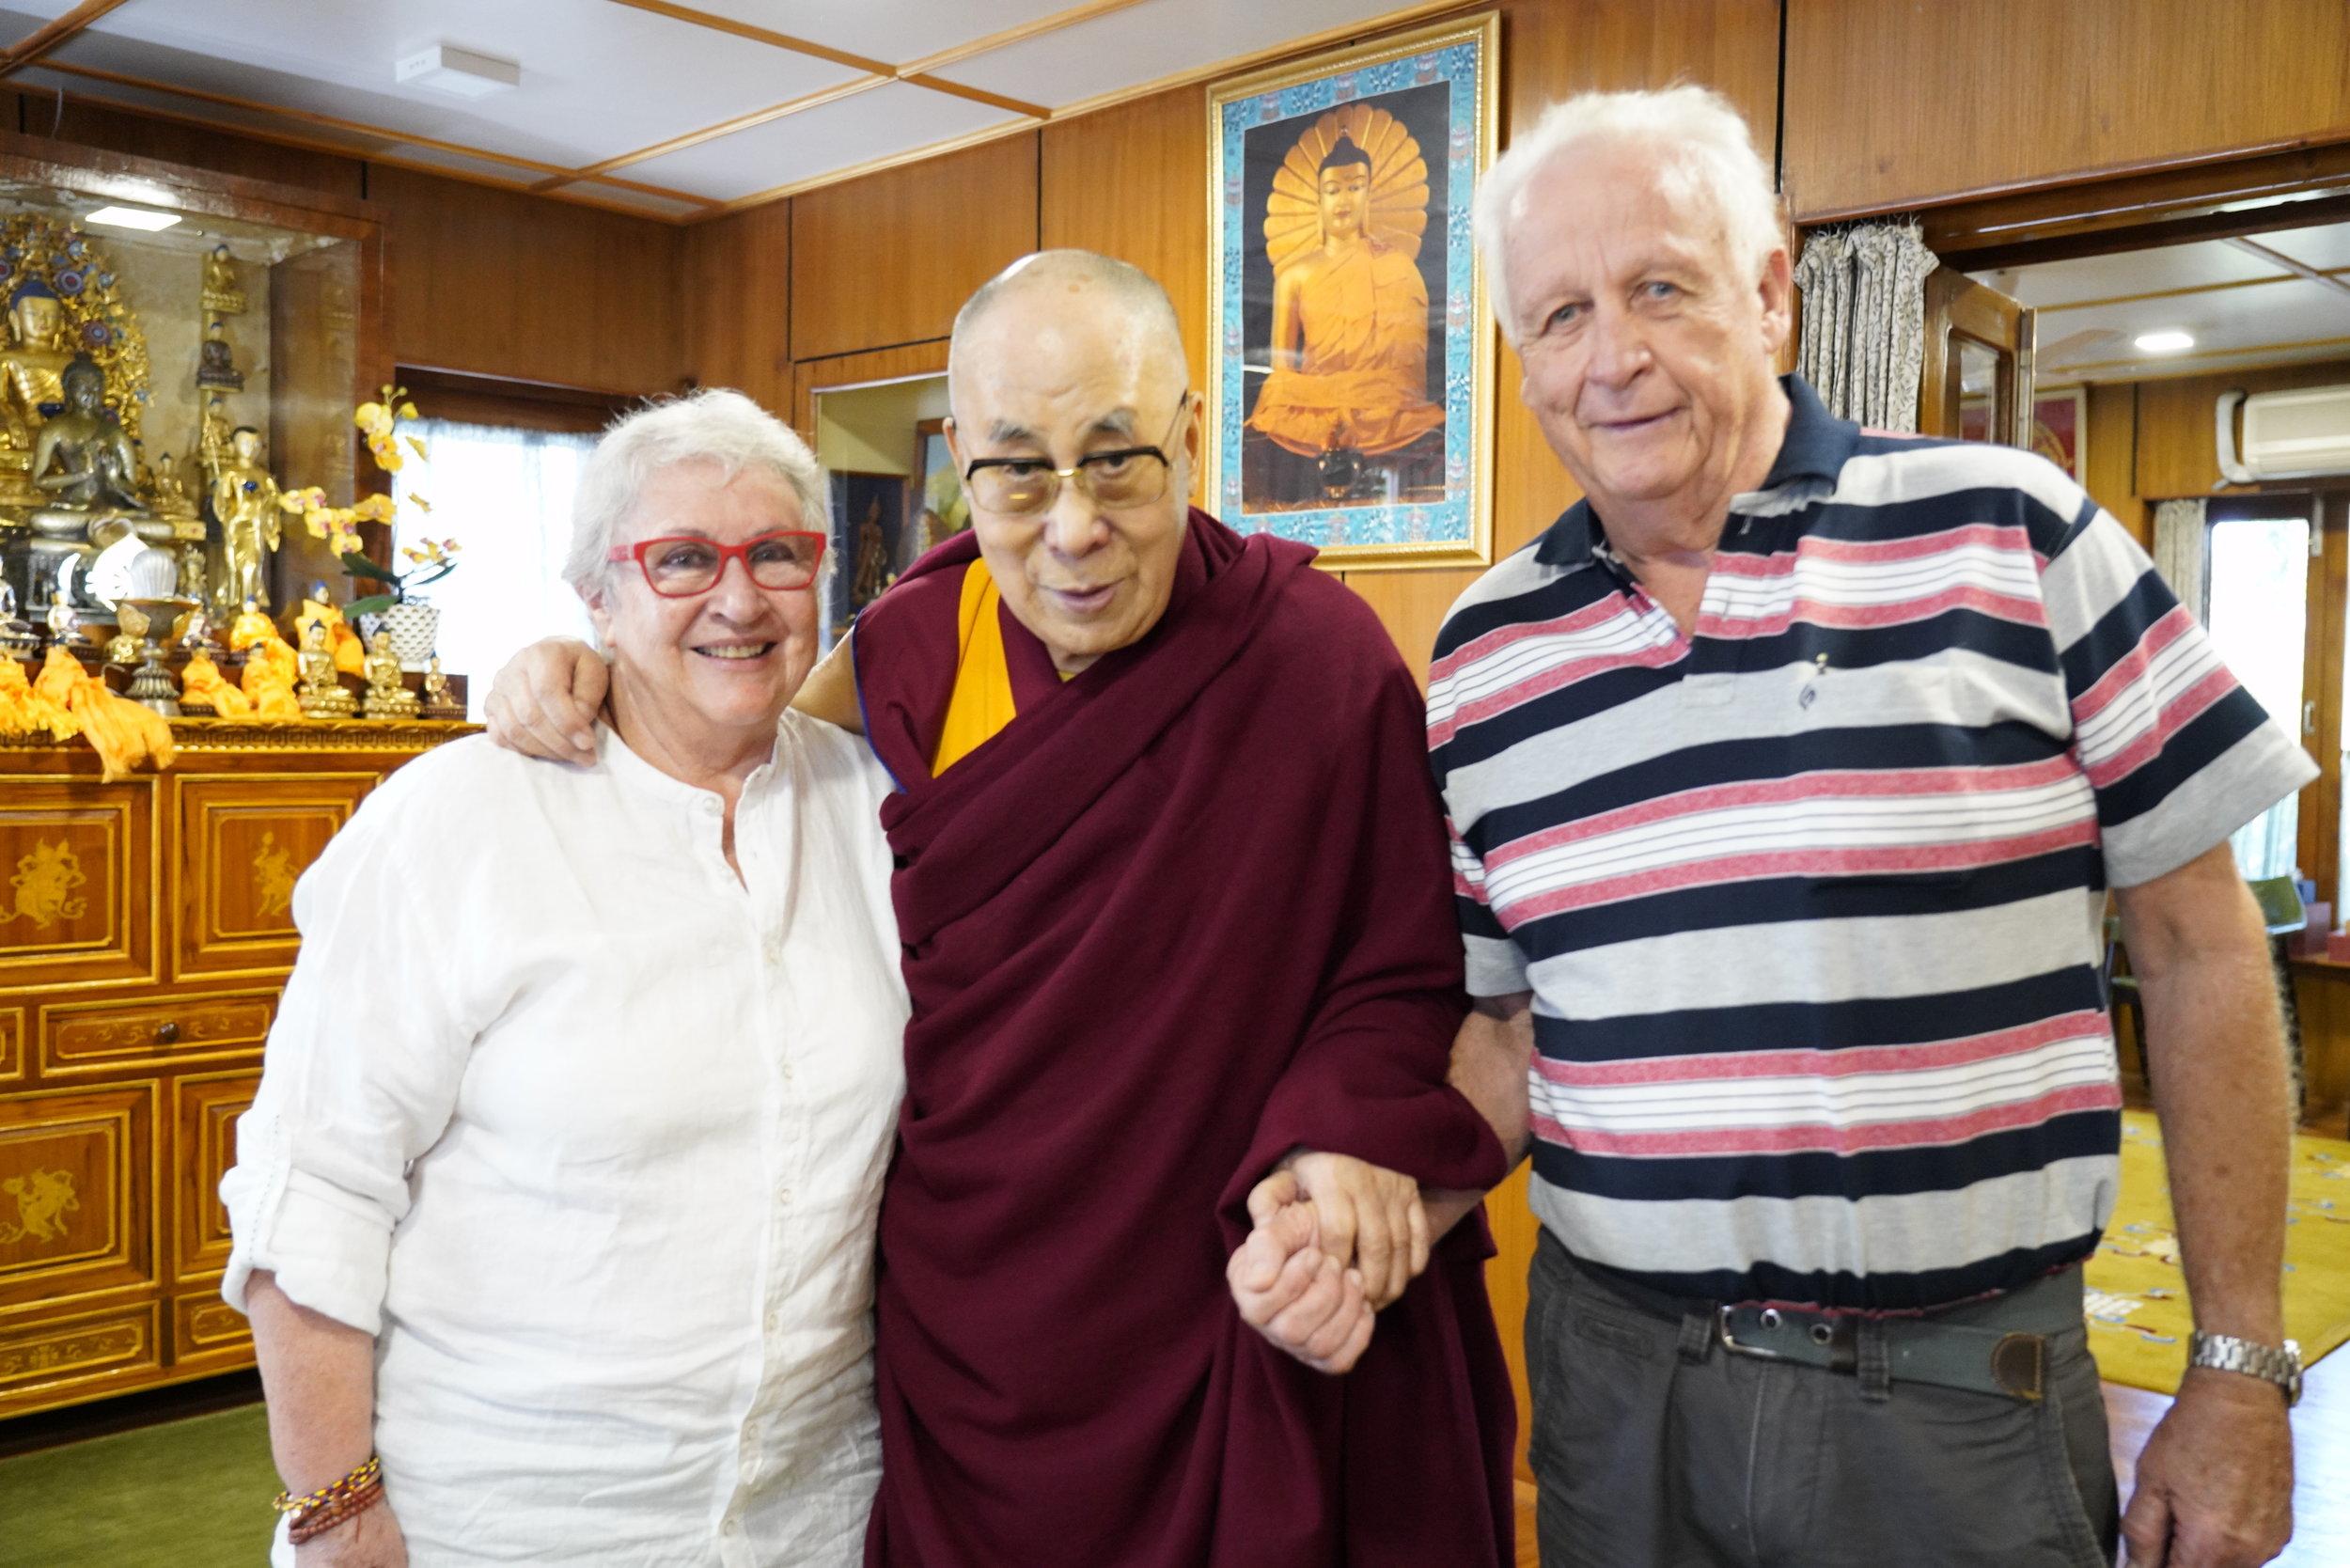 Maria Chidzey with Dalai Lama